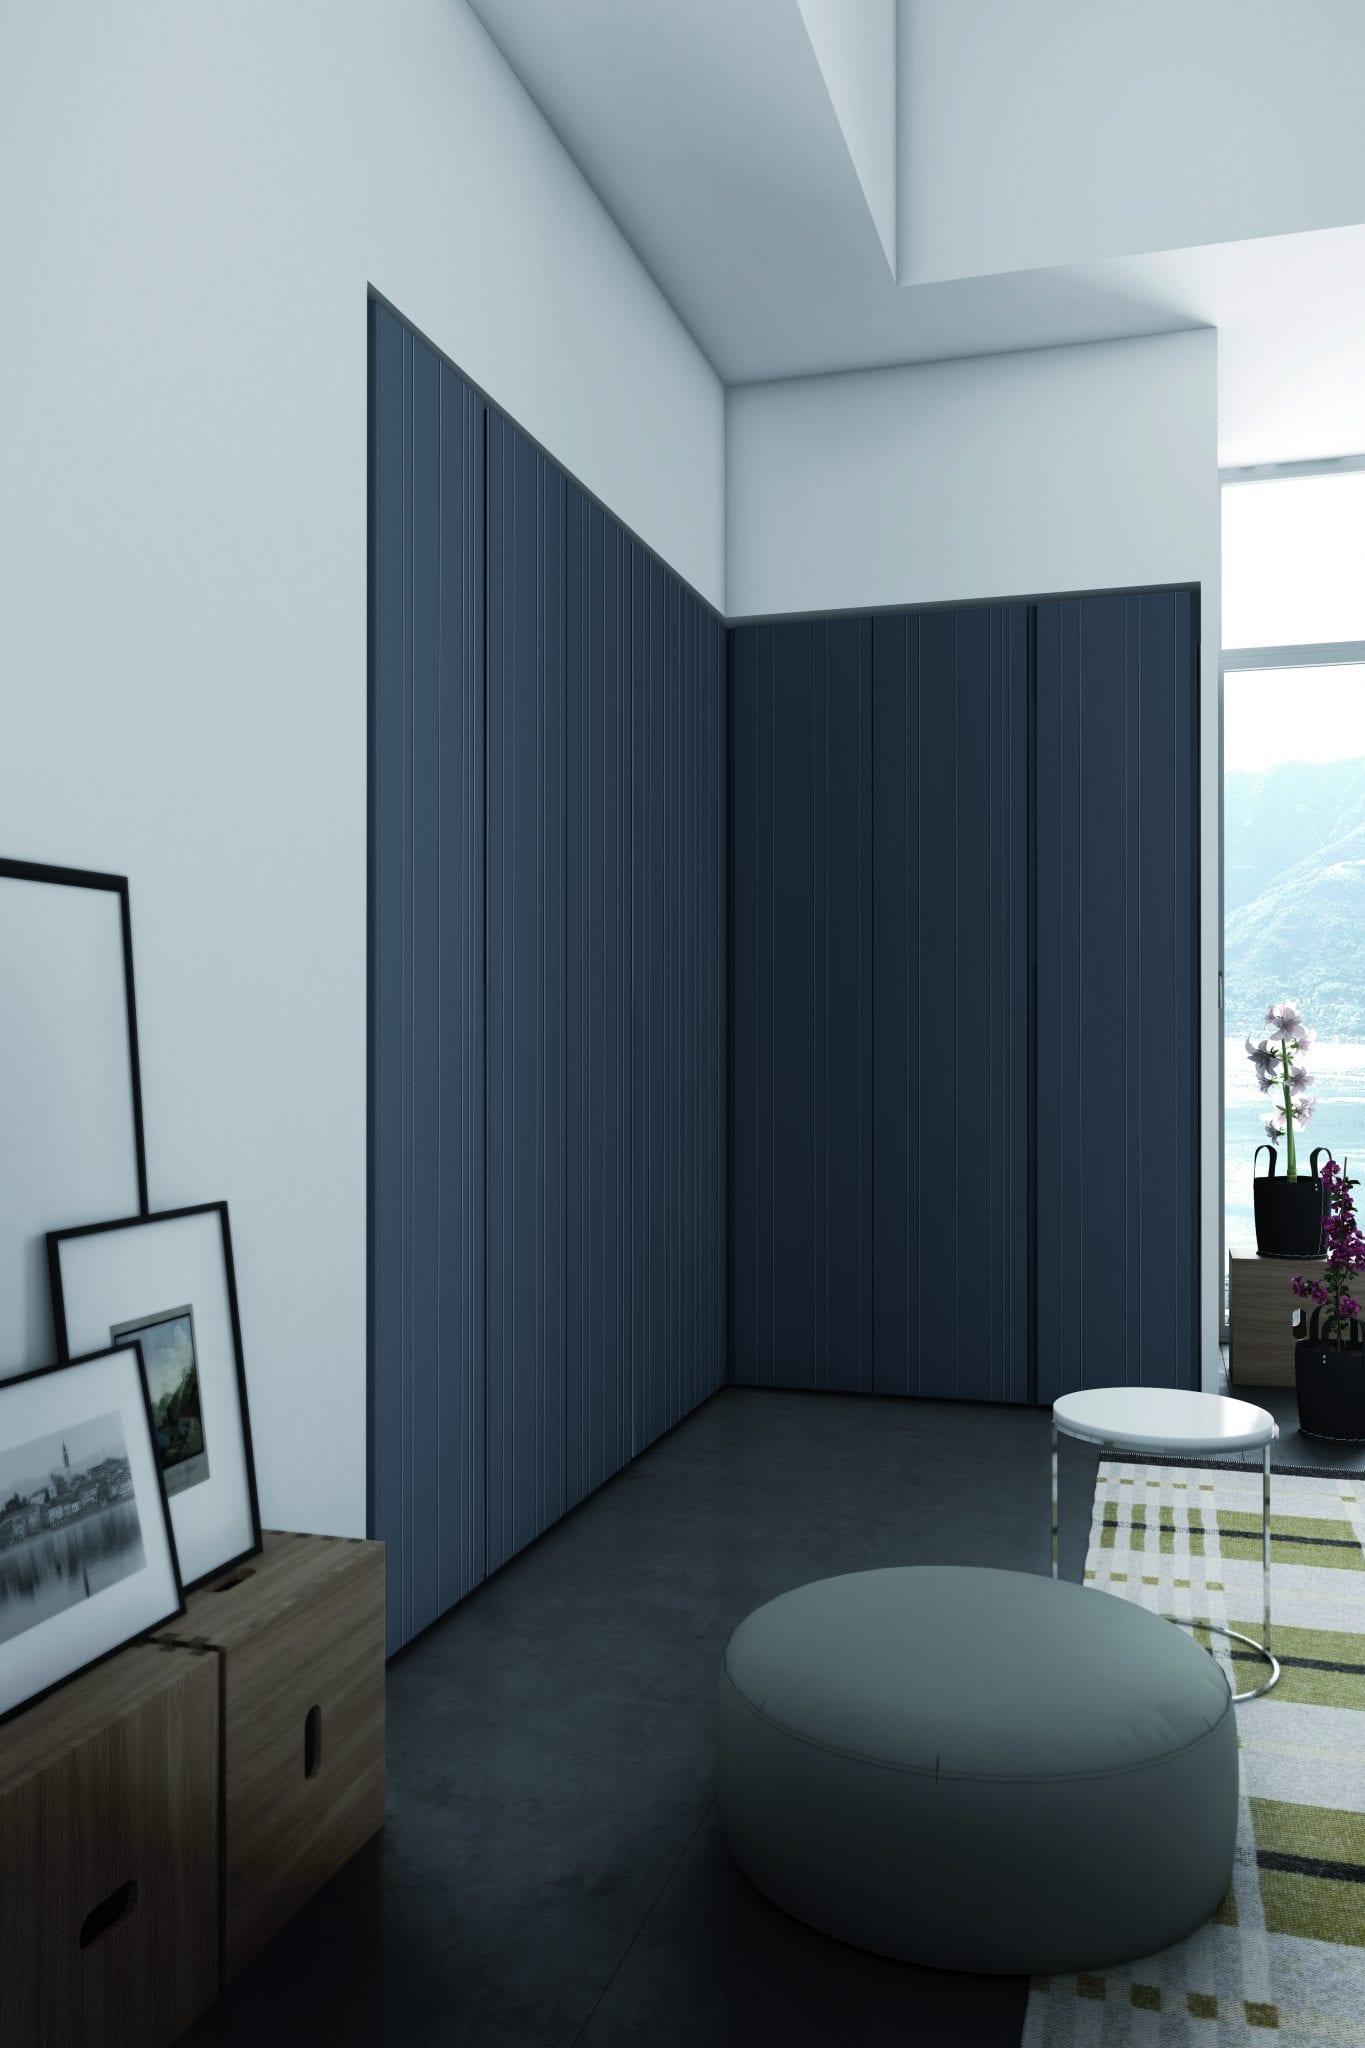 Armadi battenti moderni di design - Raimondi Idee Casa